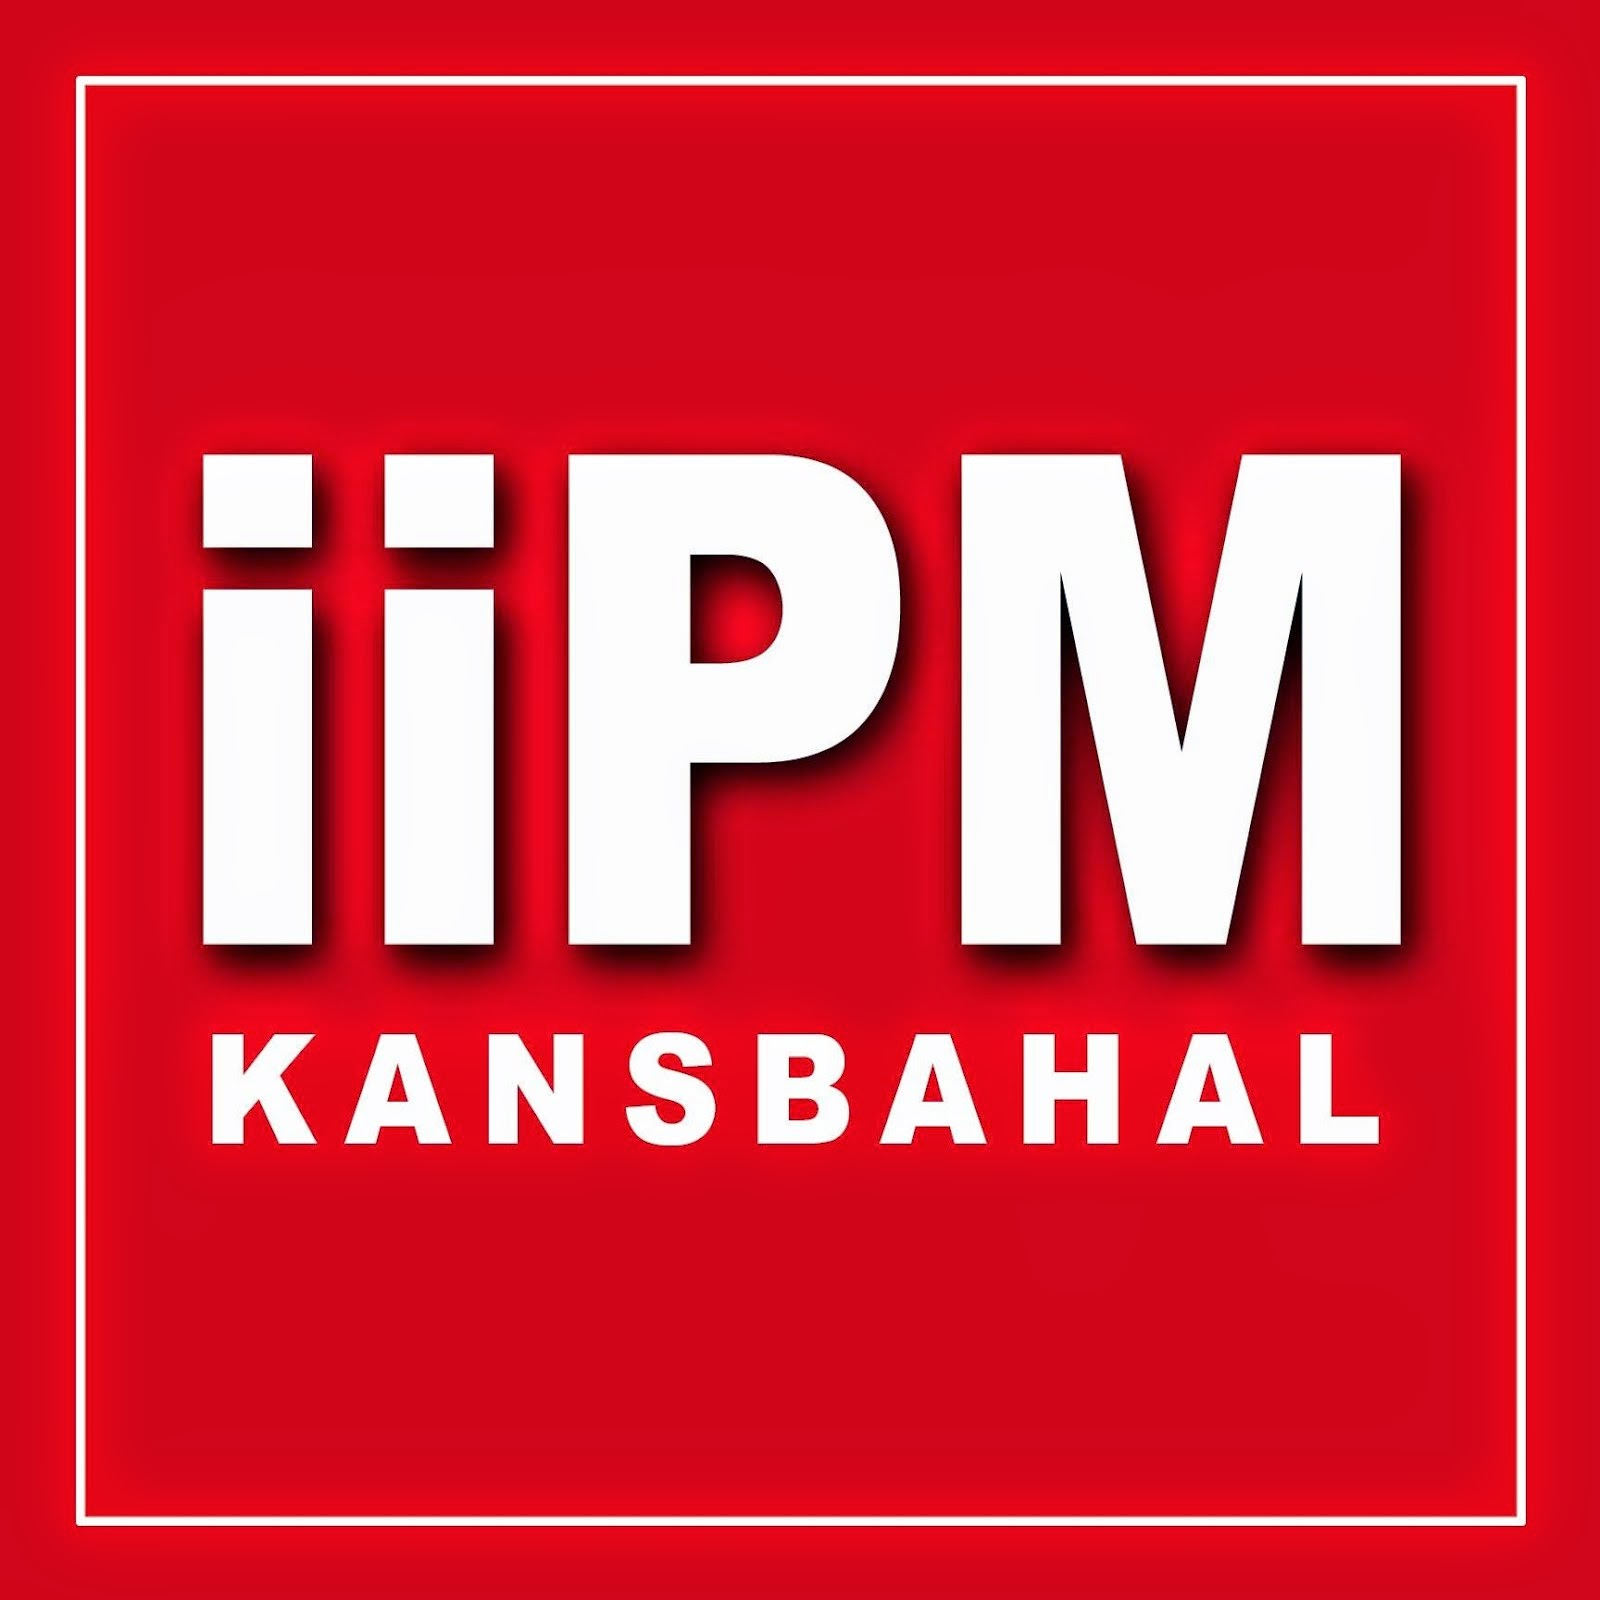 iiPM, Kansbahal